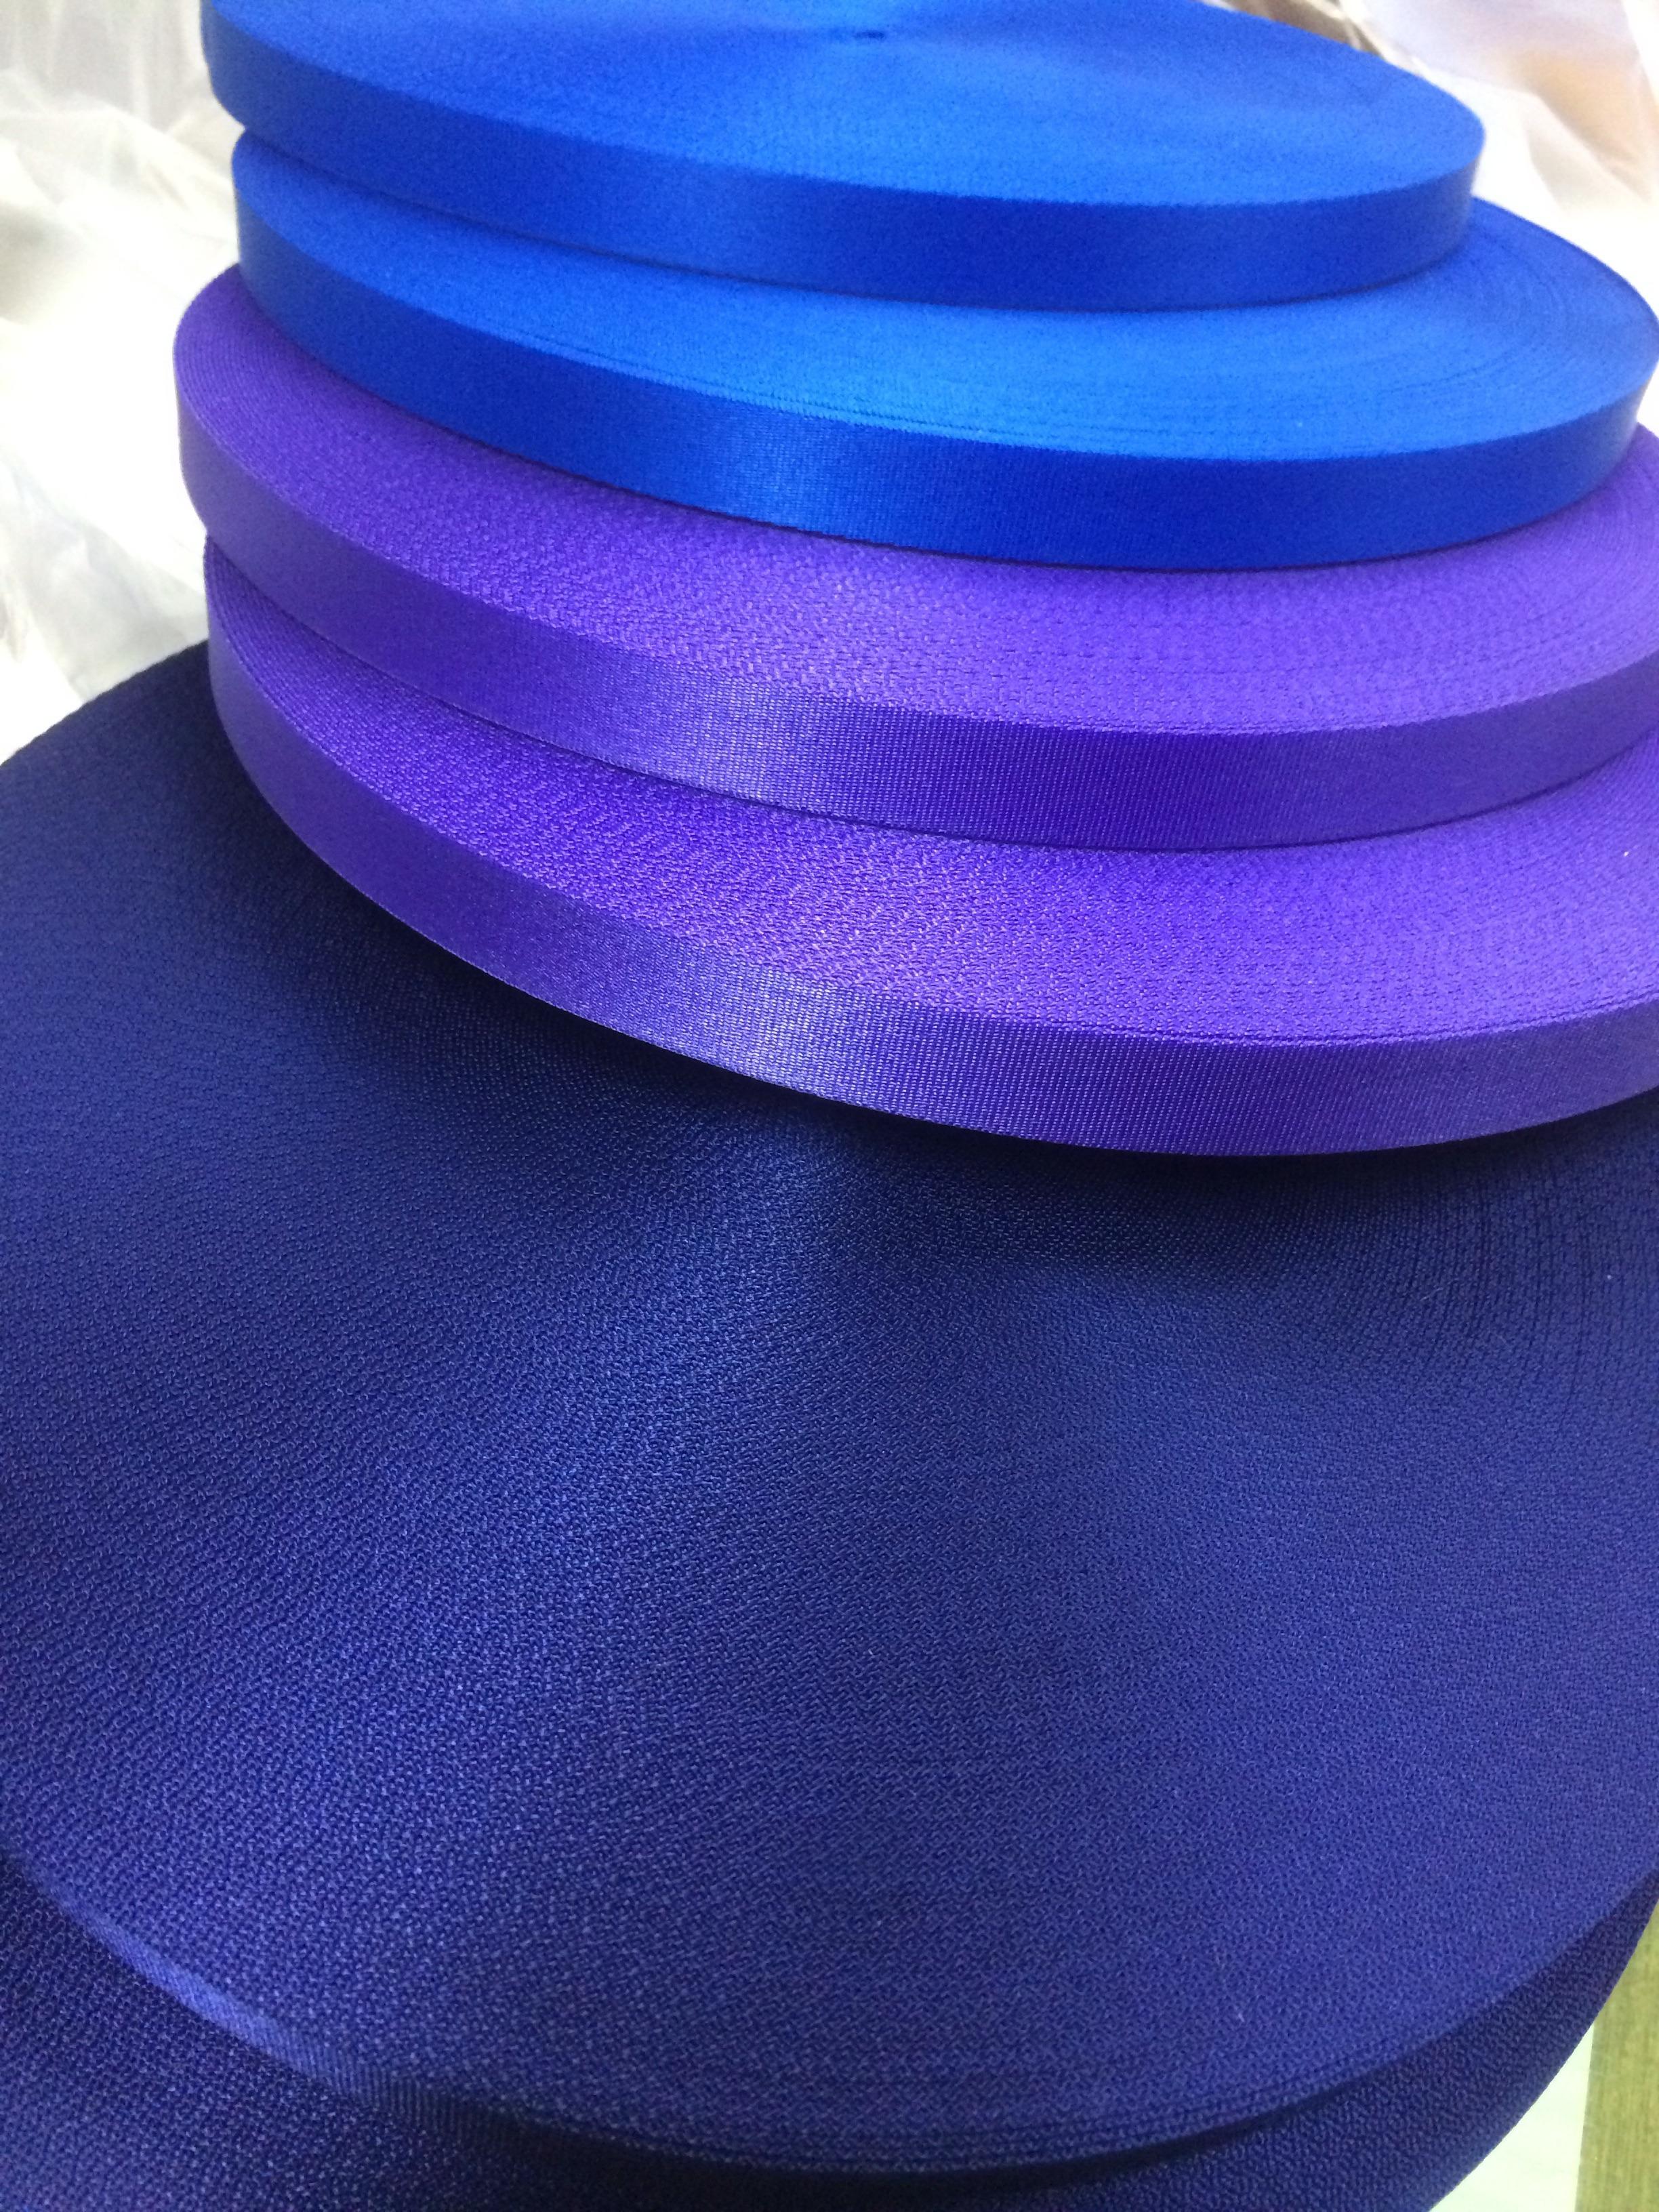 ナイロン 流綾織 15mm幅 カラー(黒以外) 1m